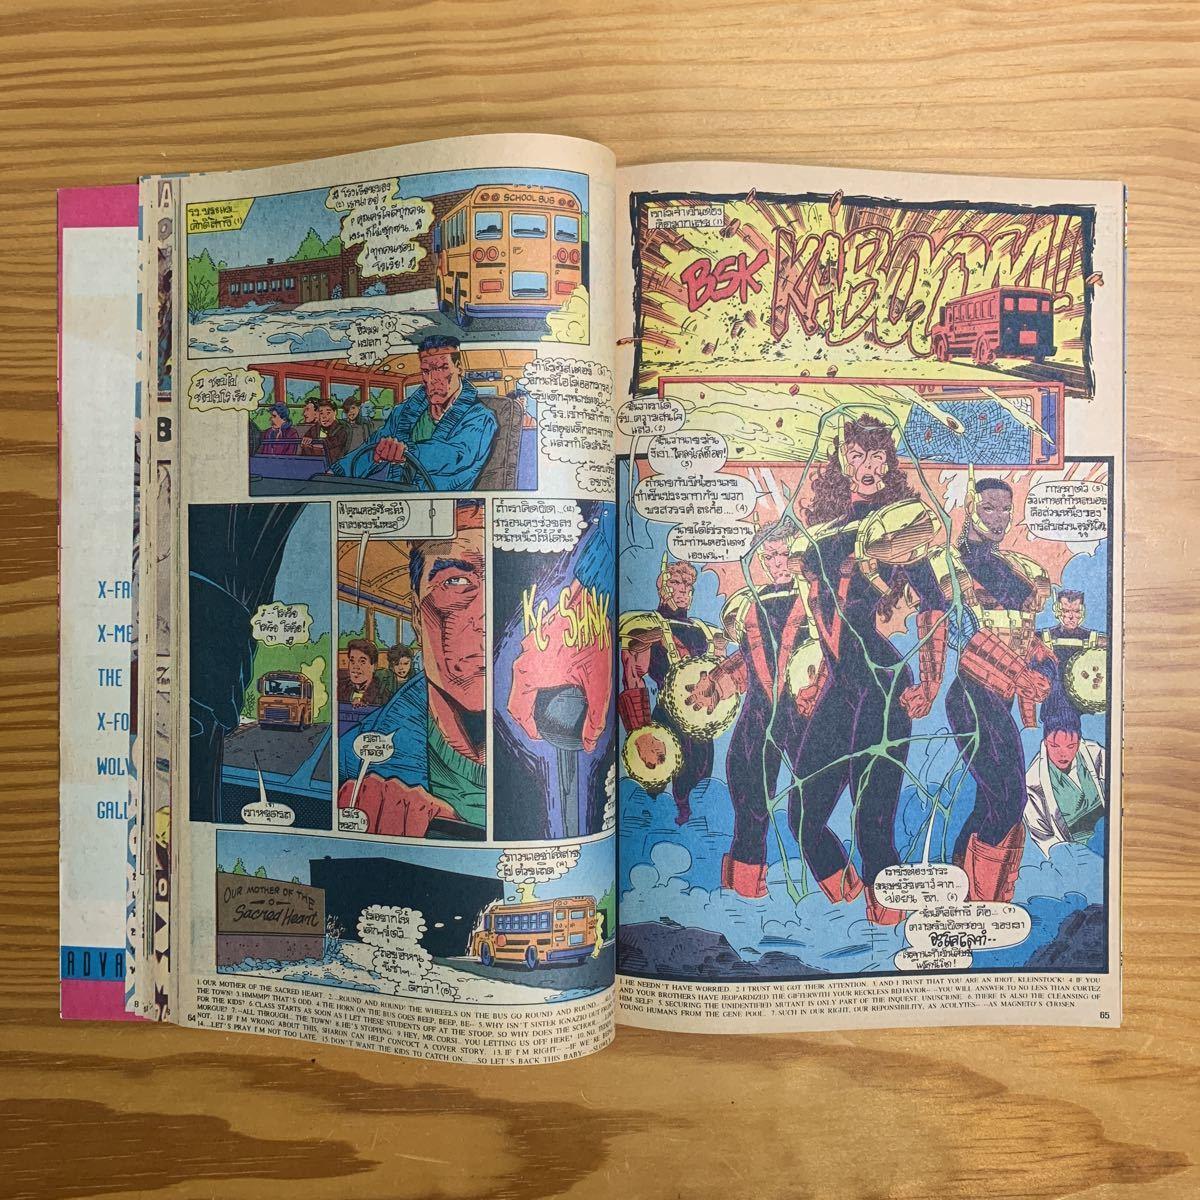 タイ版! レア! X-Men Xメン Wolverine ウルヴァリン X-Factor Marvel Comic マーベル コミック DC アメコミ タイ語 古本 Vintage 90's 希少_画像7